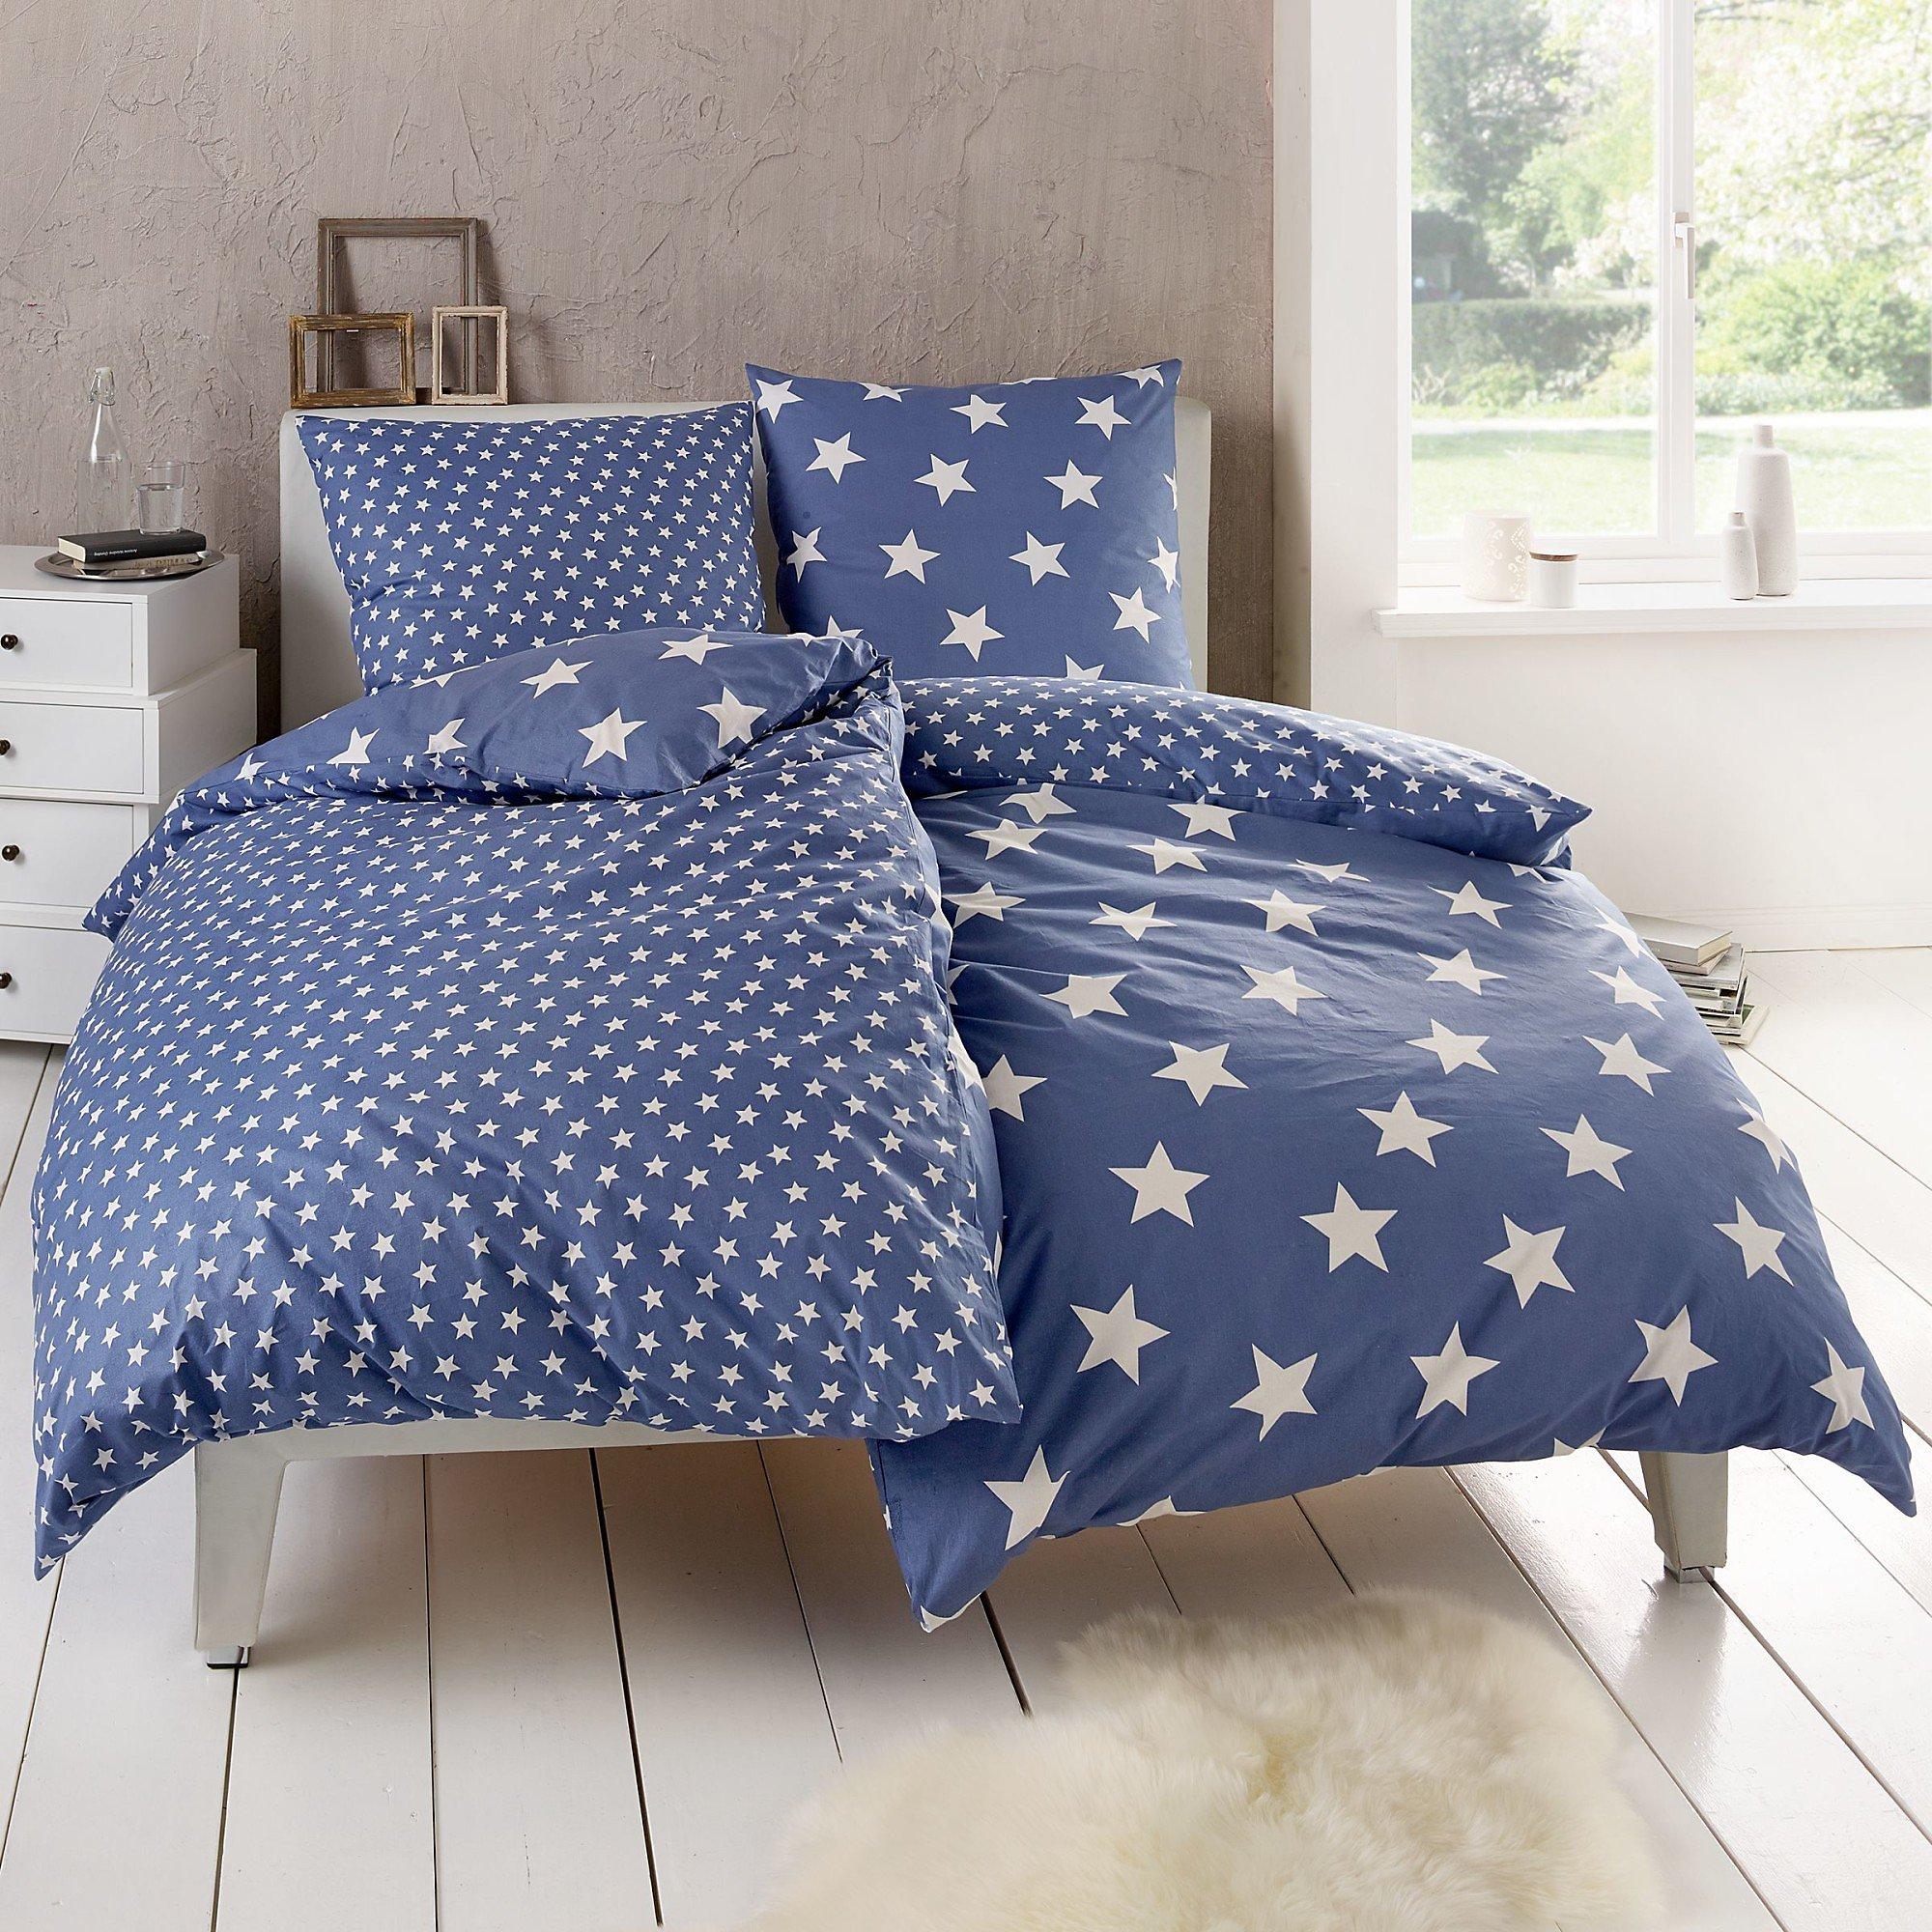 Wende Bettwäsche Sterne Blau 135x200 Bestellen Weltbildde